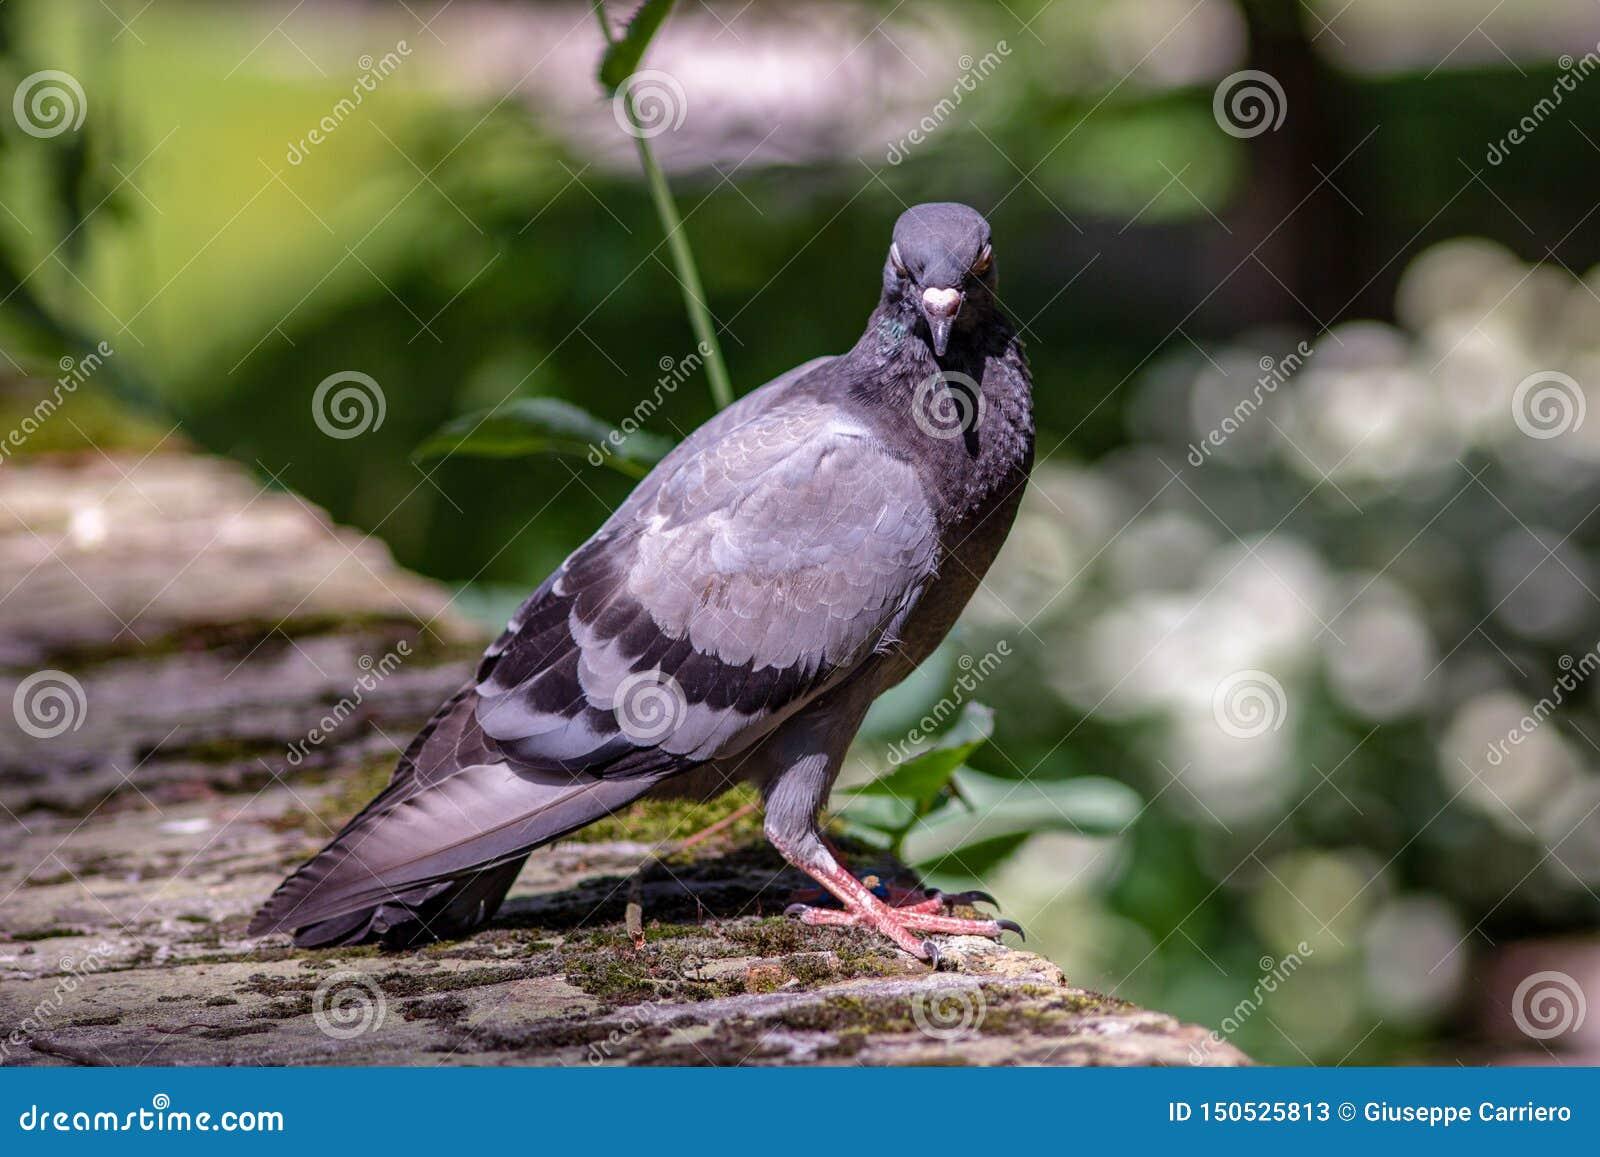 Почтовый голубь разнообразие domestica Columba Livia отечественного голубя производное от восточного дикого голубя, genetically